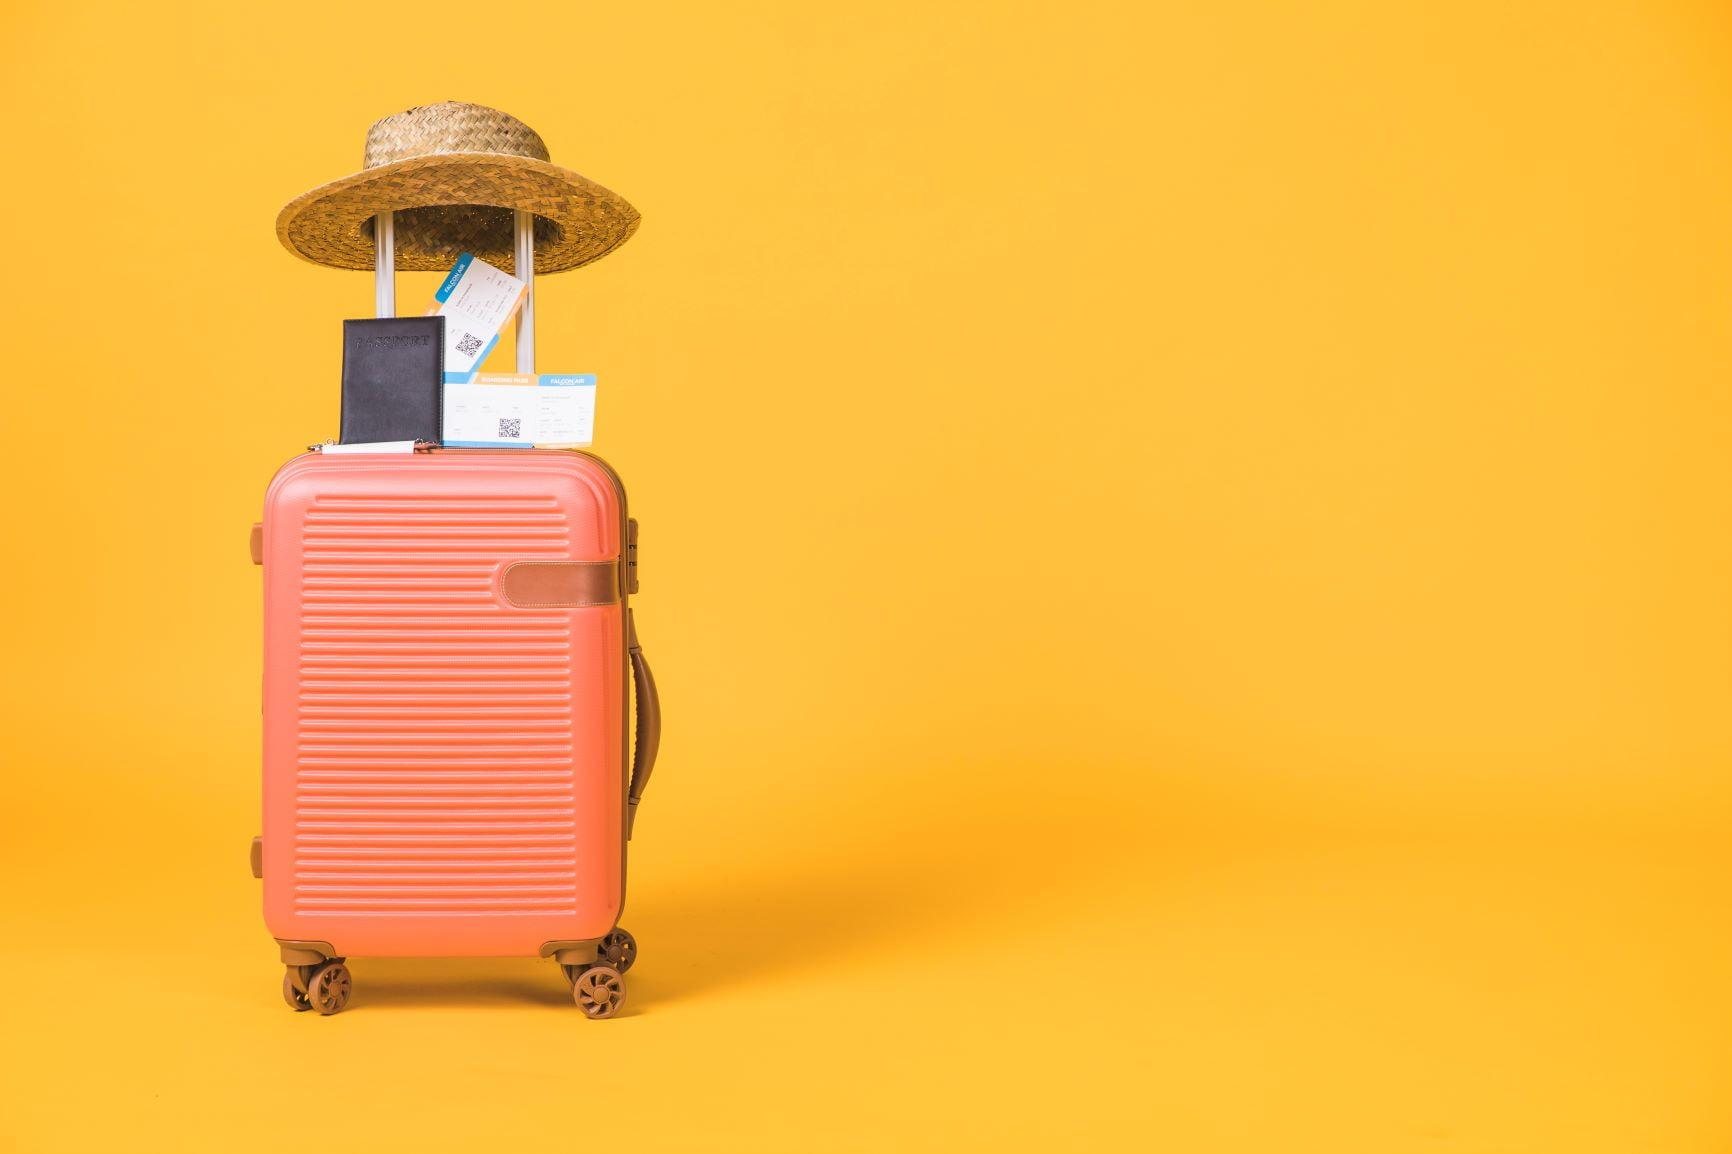 Απαγόρευση πτήσεων: Ανοίγει 1η Ιουλίου ο τουρισμός - Για ποιες 9 χώρες θα συνεχιστεί η απαγόρευση